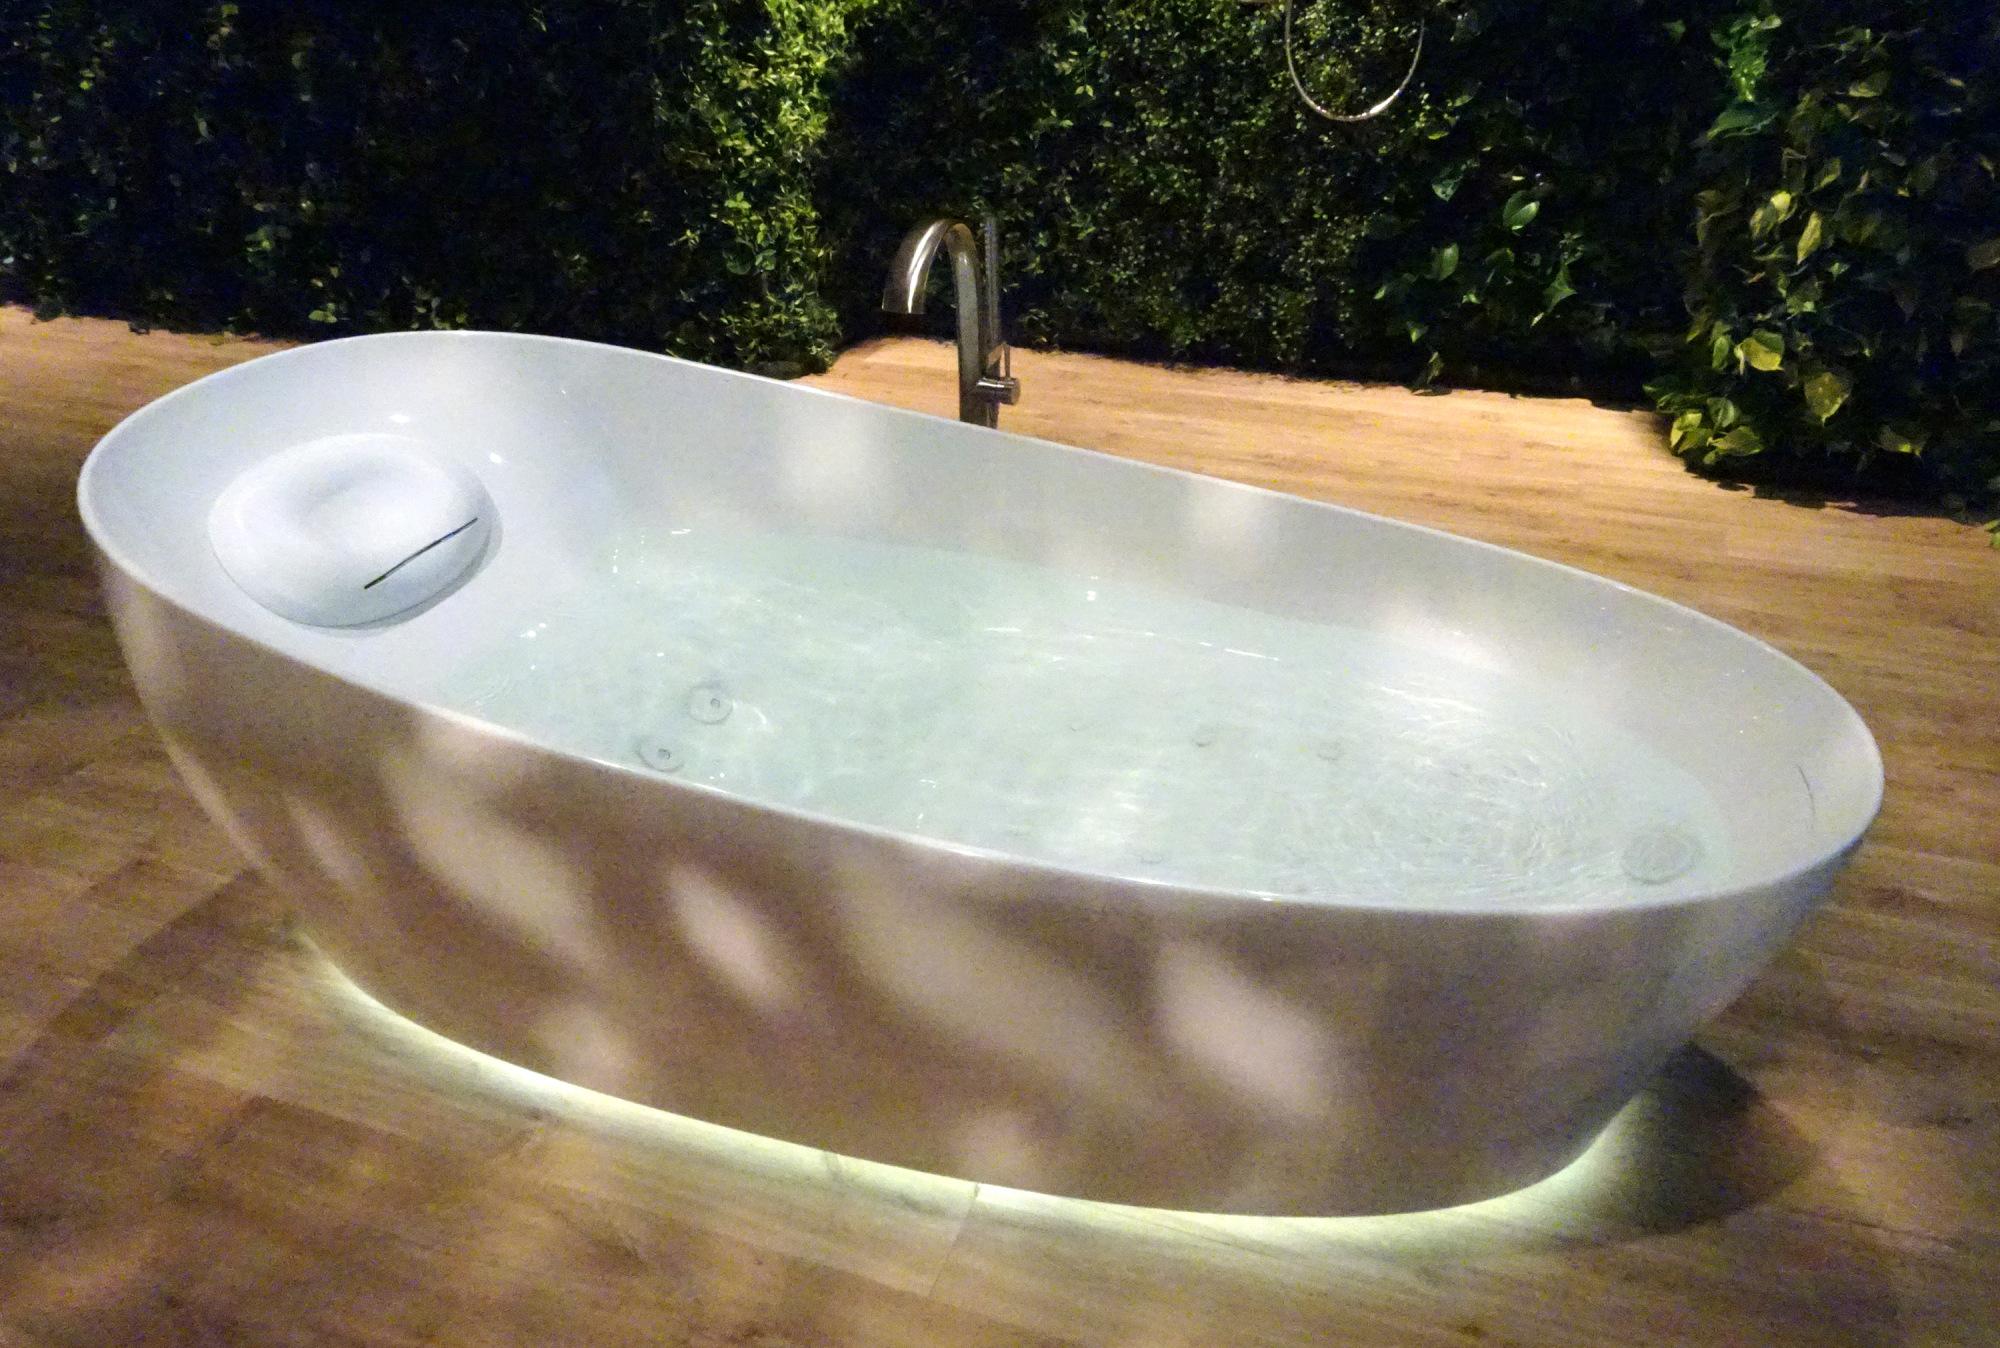 Elegant Toto Flotation Tub 1x 1